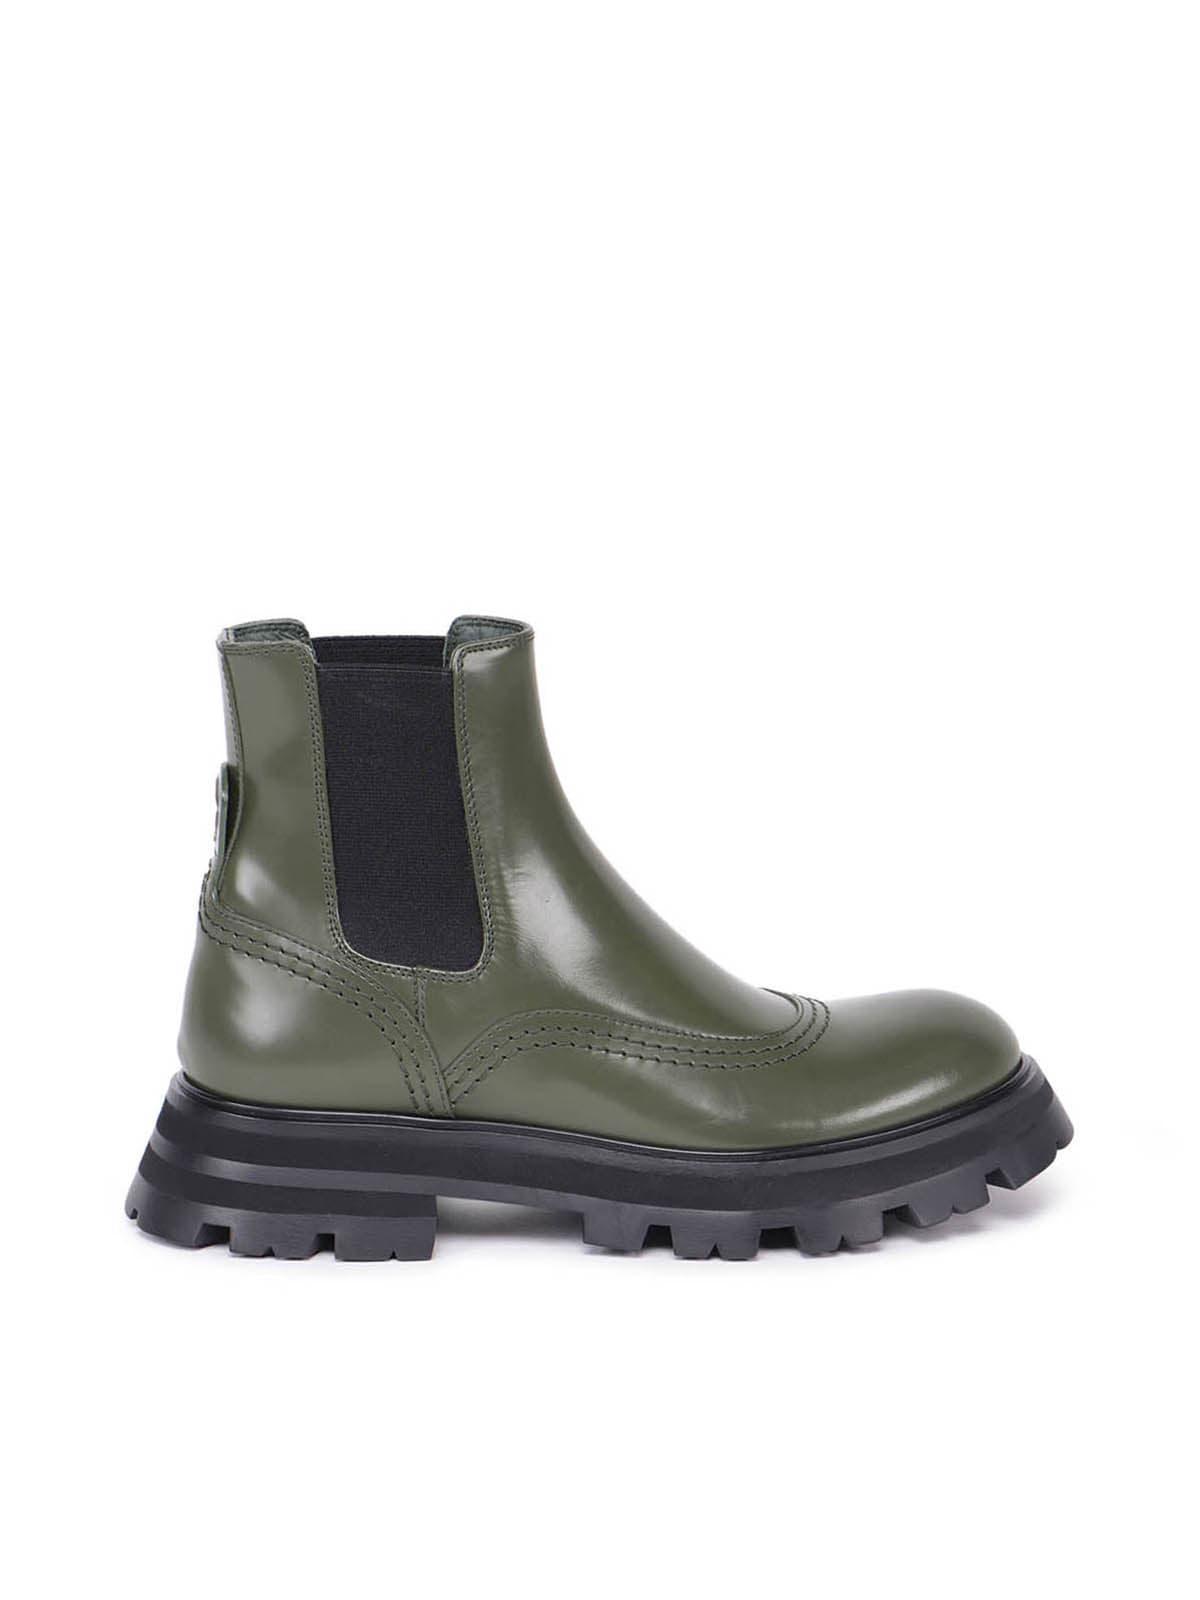 Alexander McQueen Elastic Leather Upper Sneakers